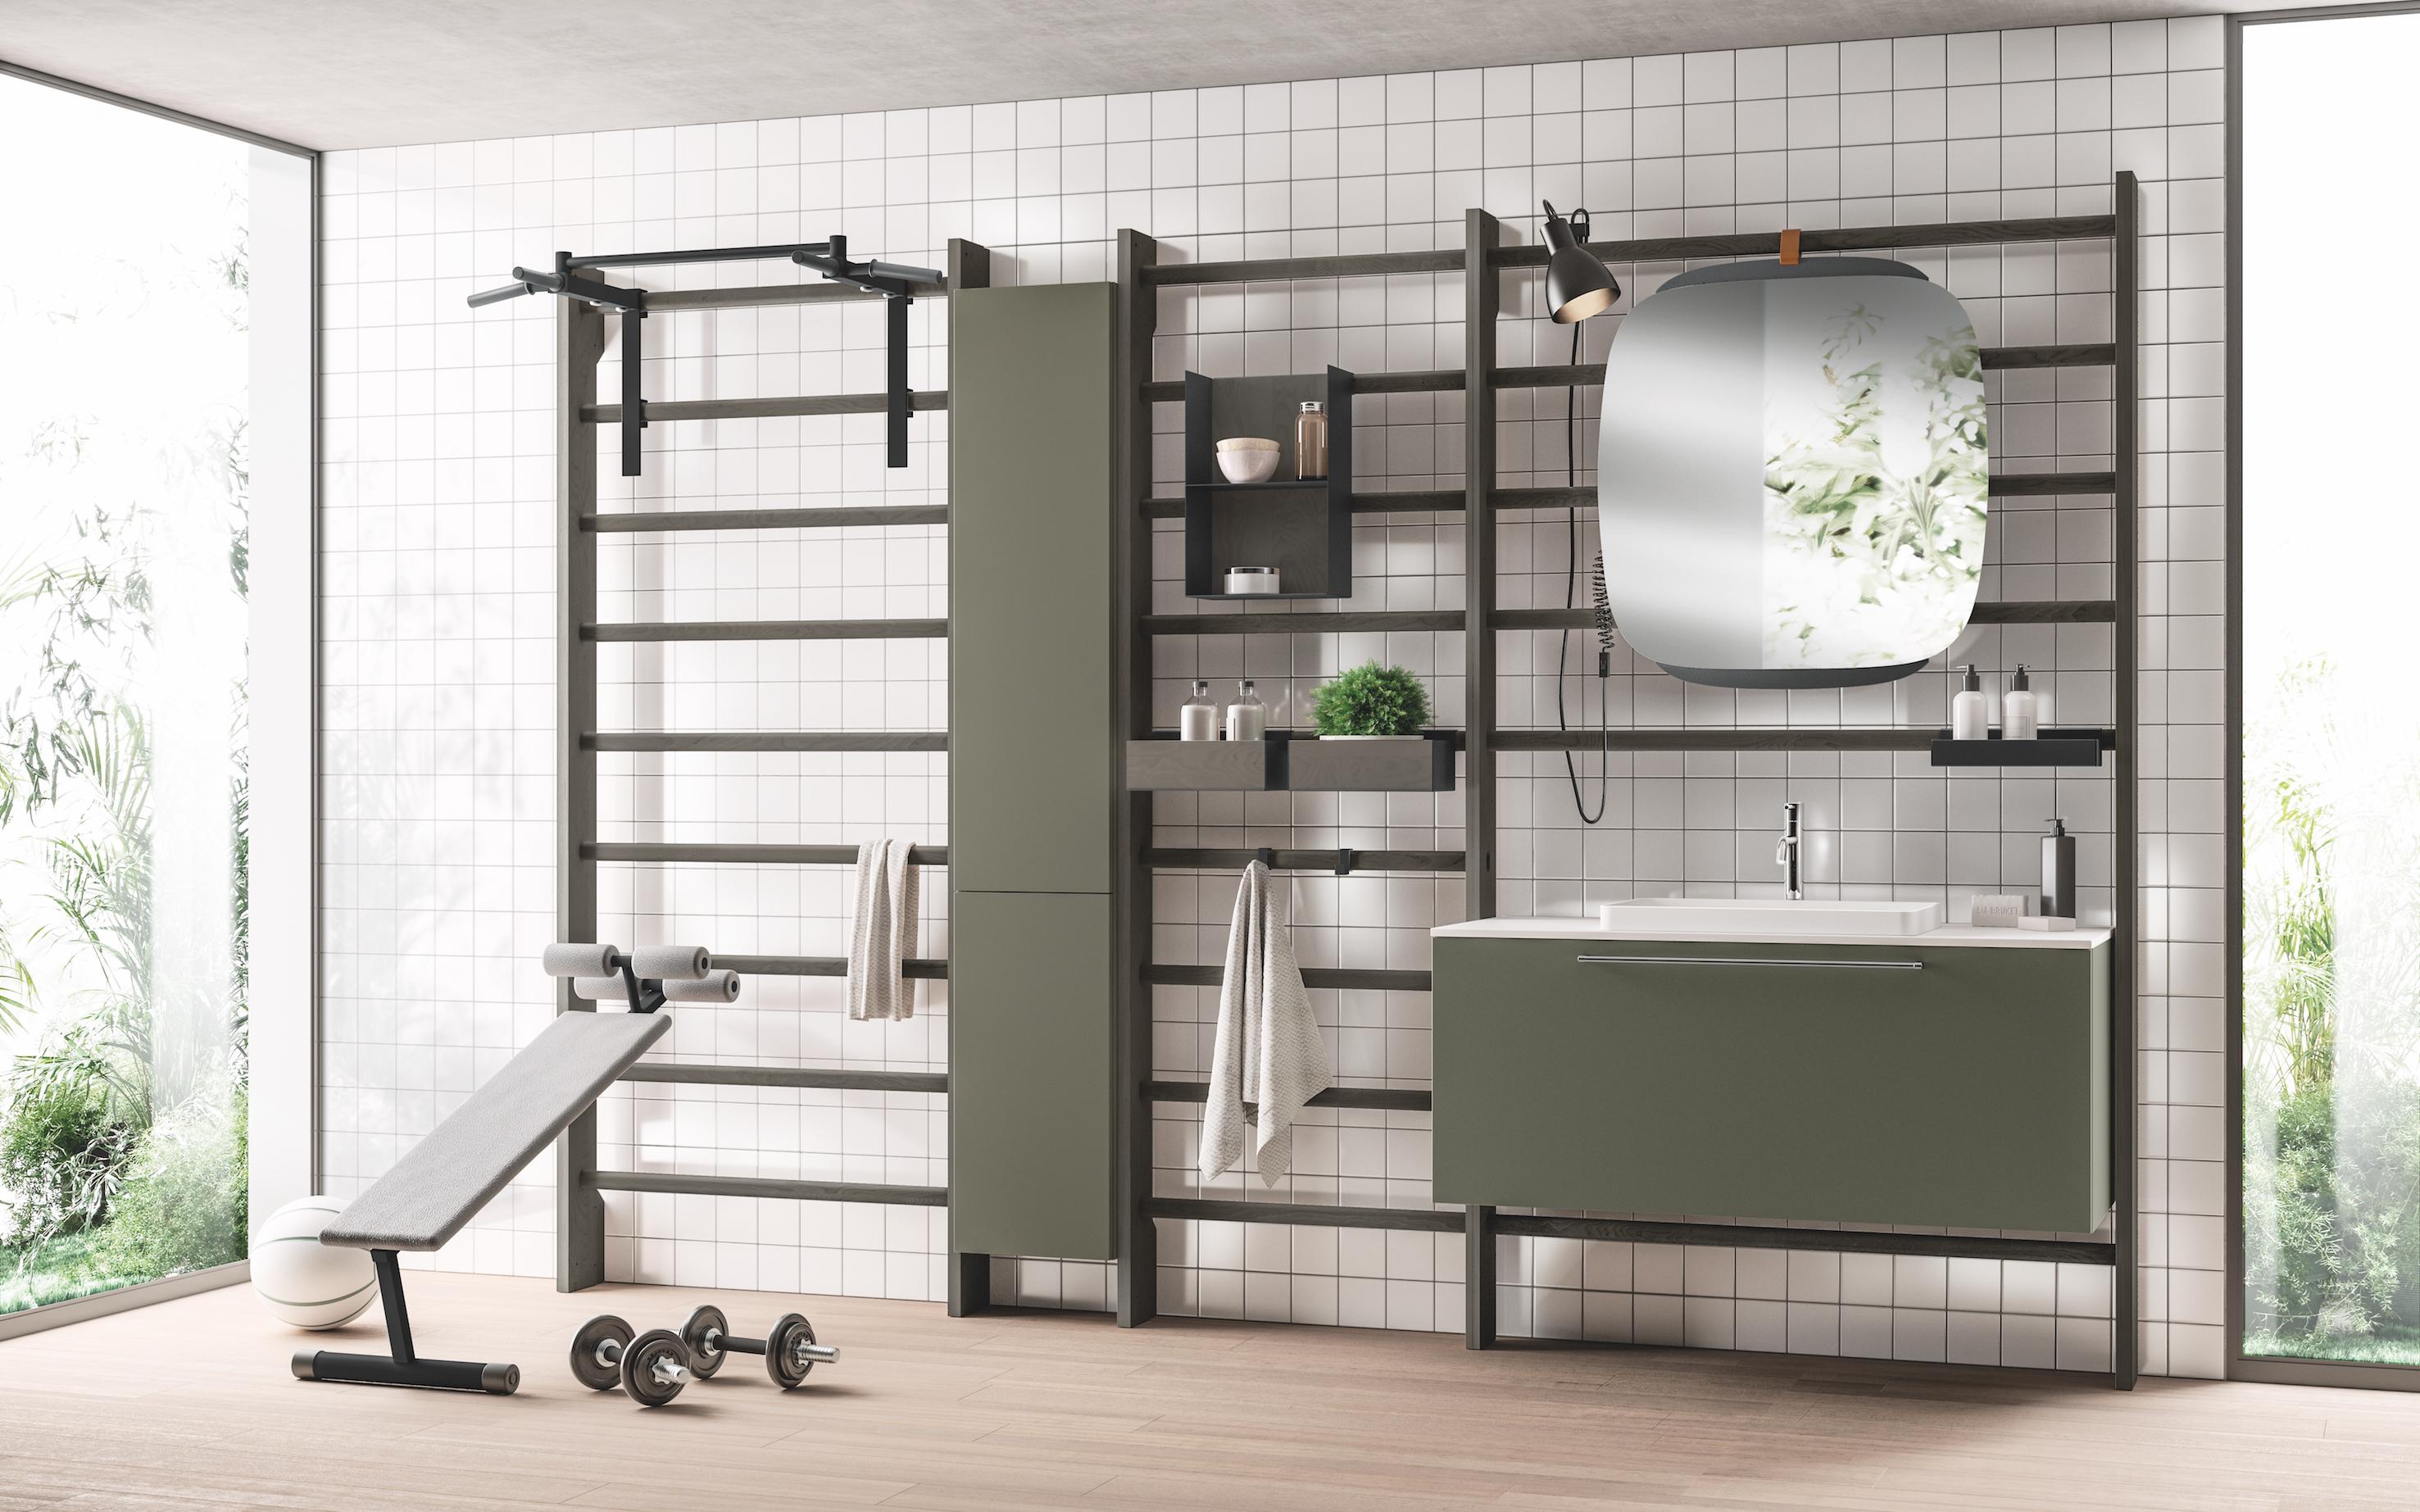 Preview salone 2018 scavolini bagno design diffusion - Scavolini bagno ...